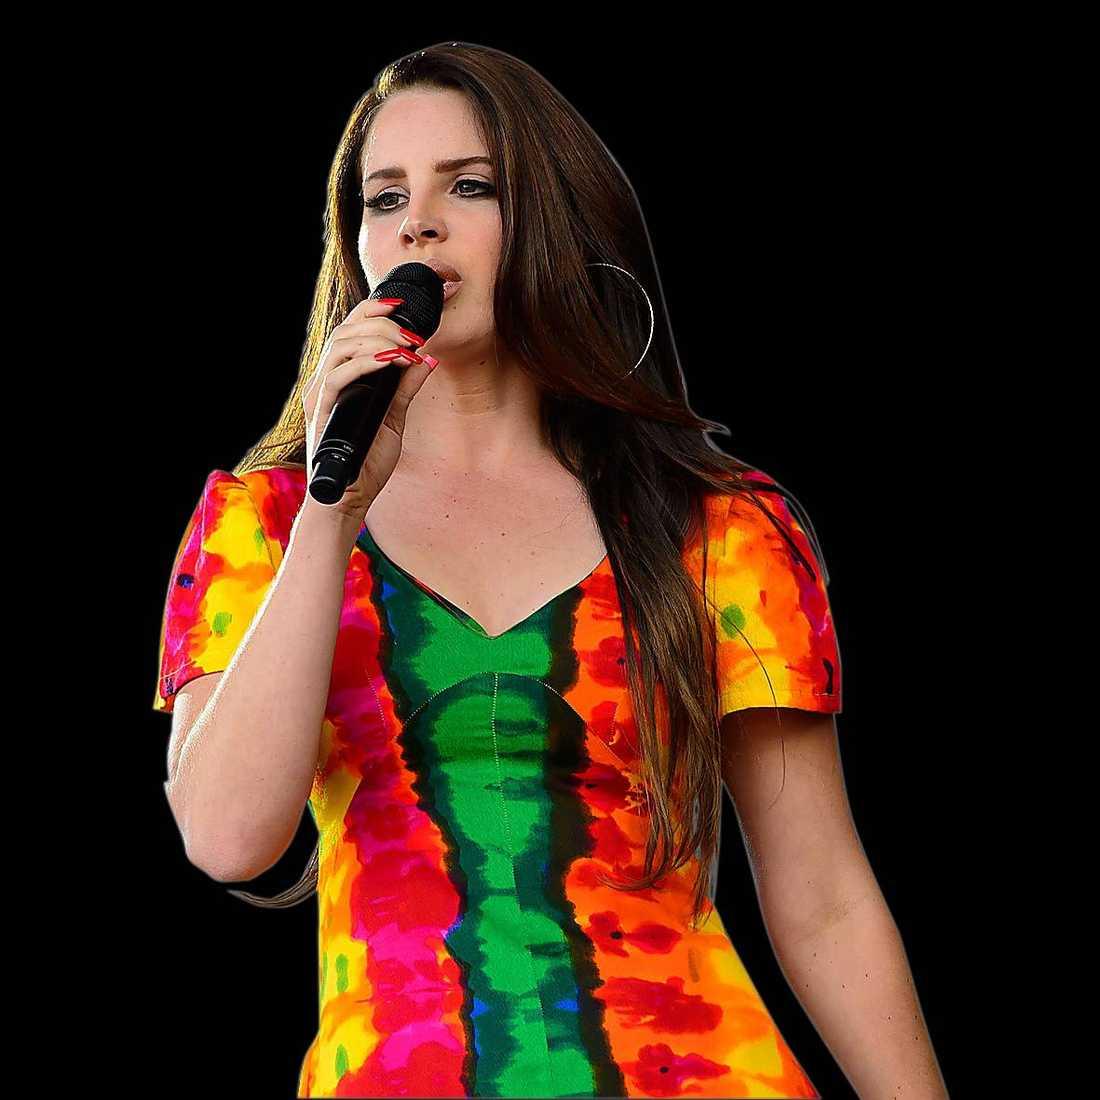 """Både Lana Del Rey och Ainbusk Singers har sjungit """"The other woman"""", en evergreen med mycket svärta som lever ett eget liv."""